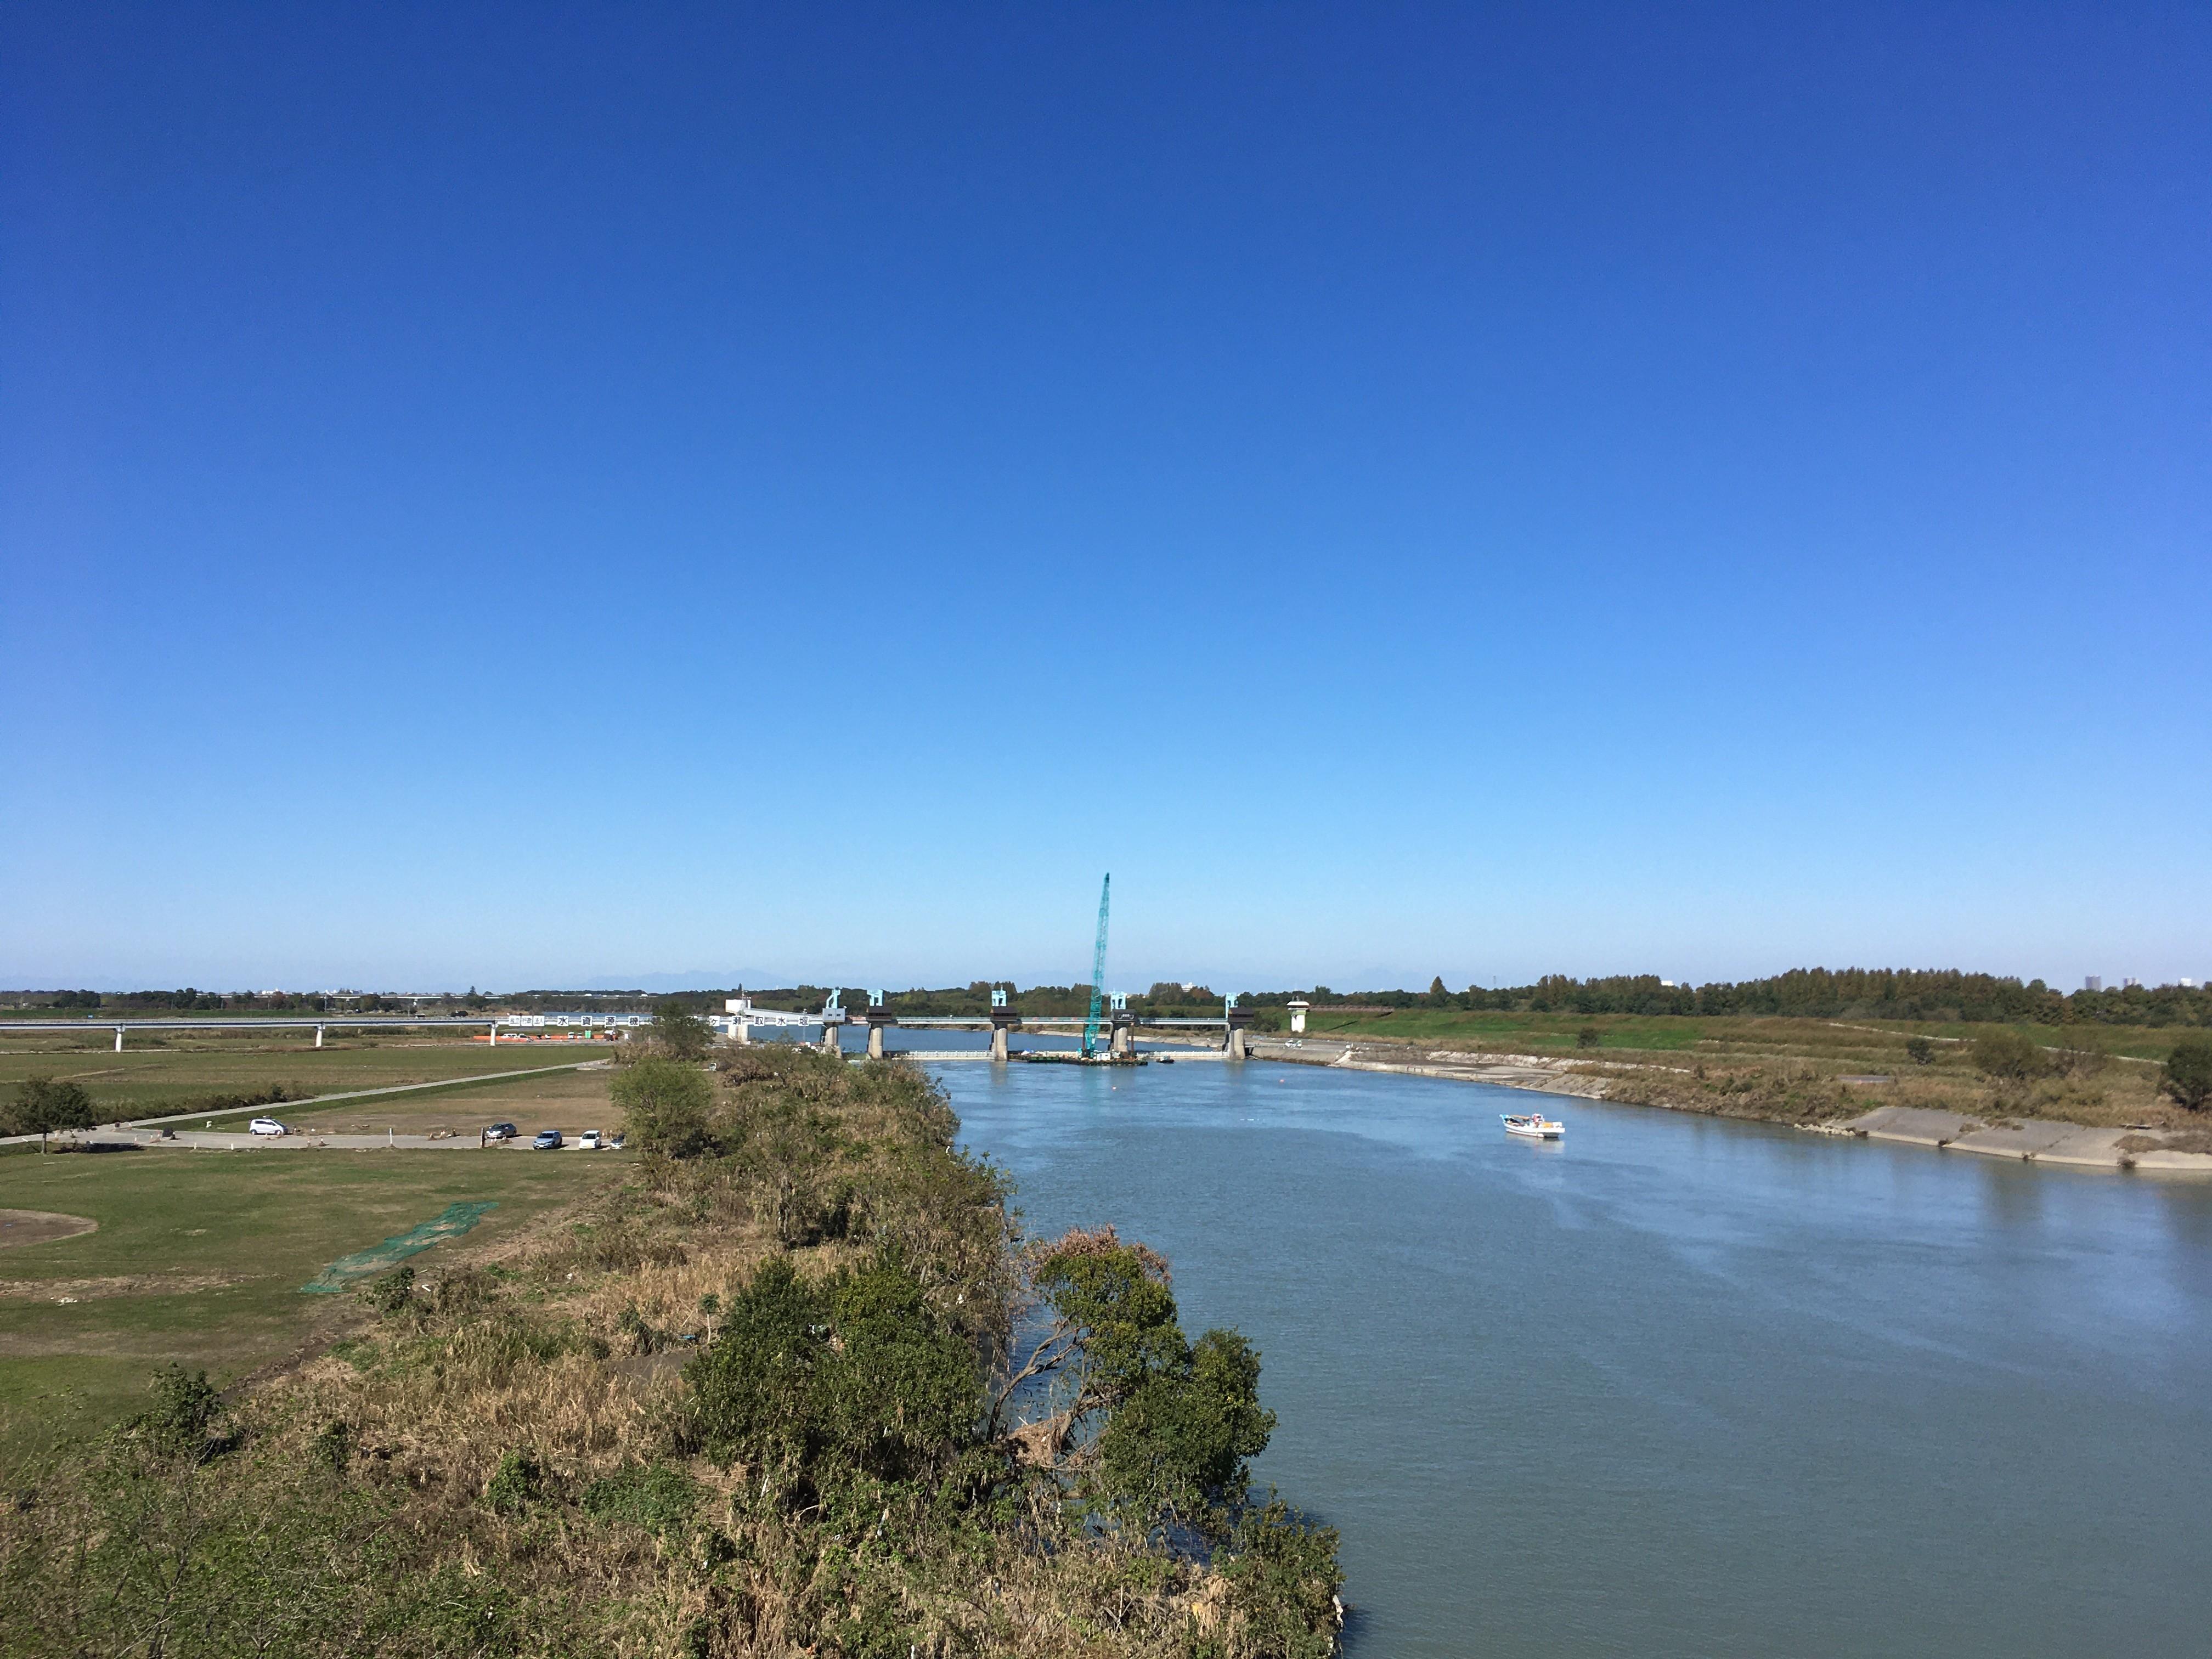 羽根倉橋歩道から秋ヶ瀬取水堰を眺める